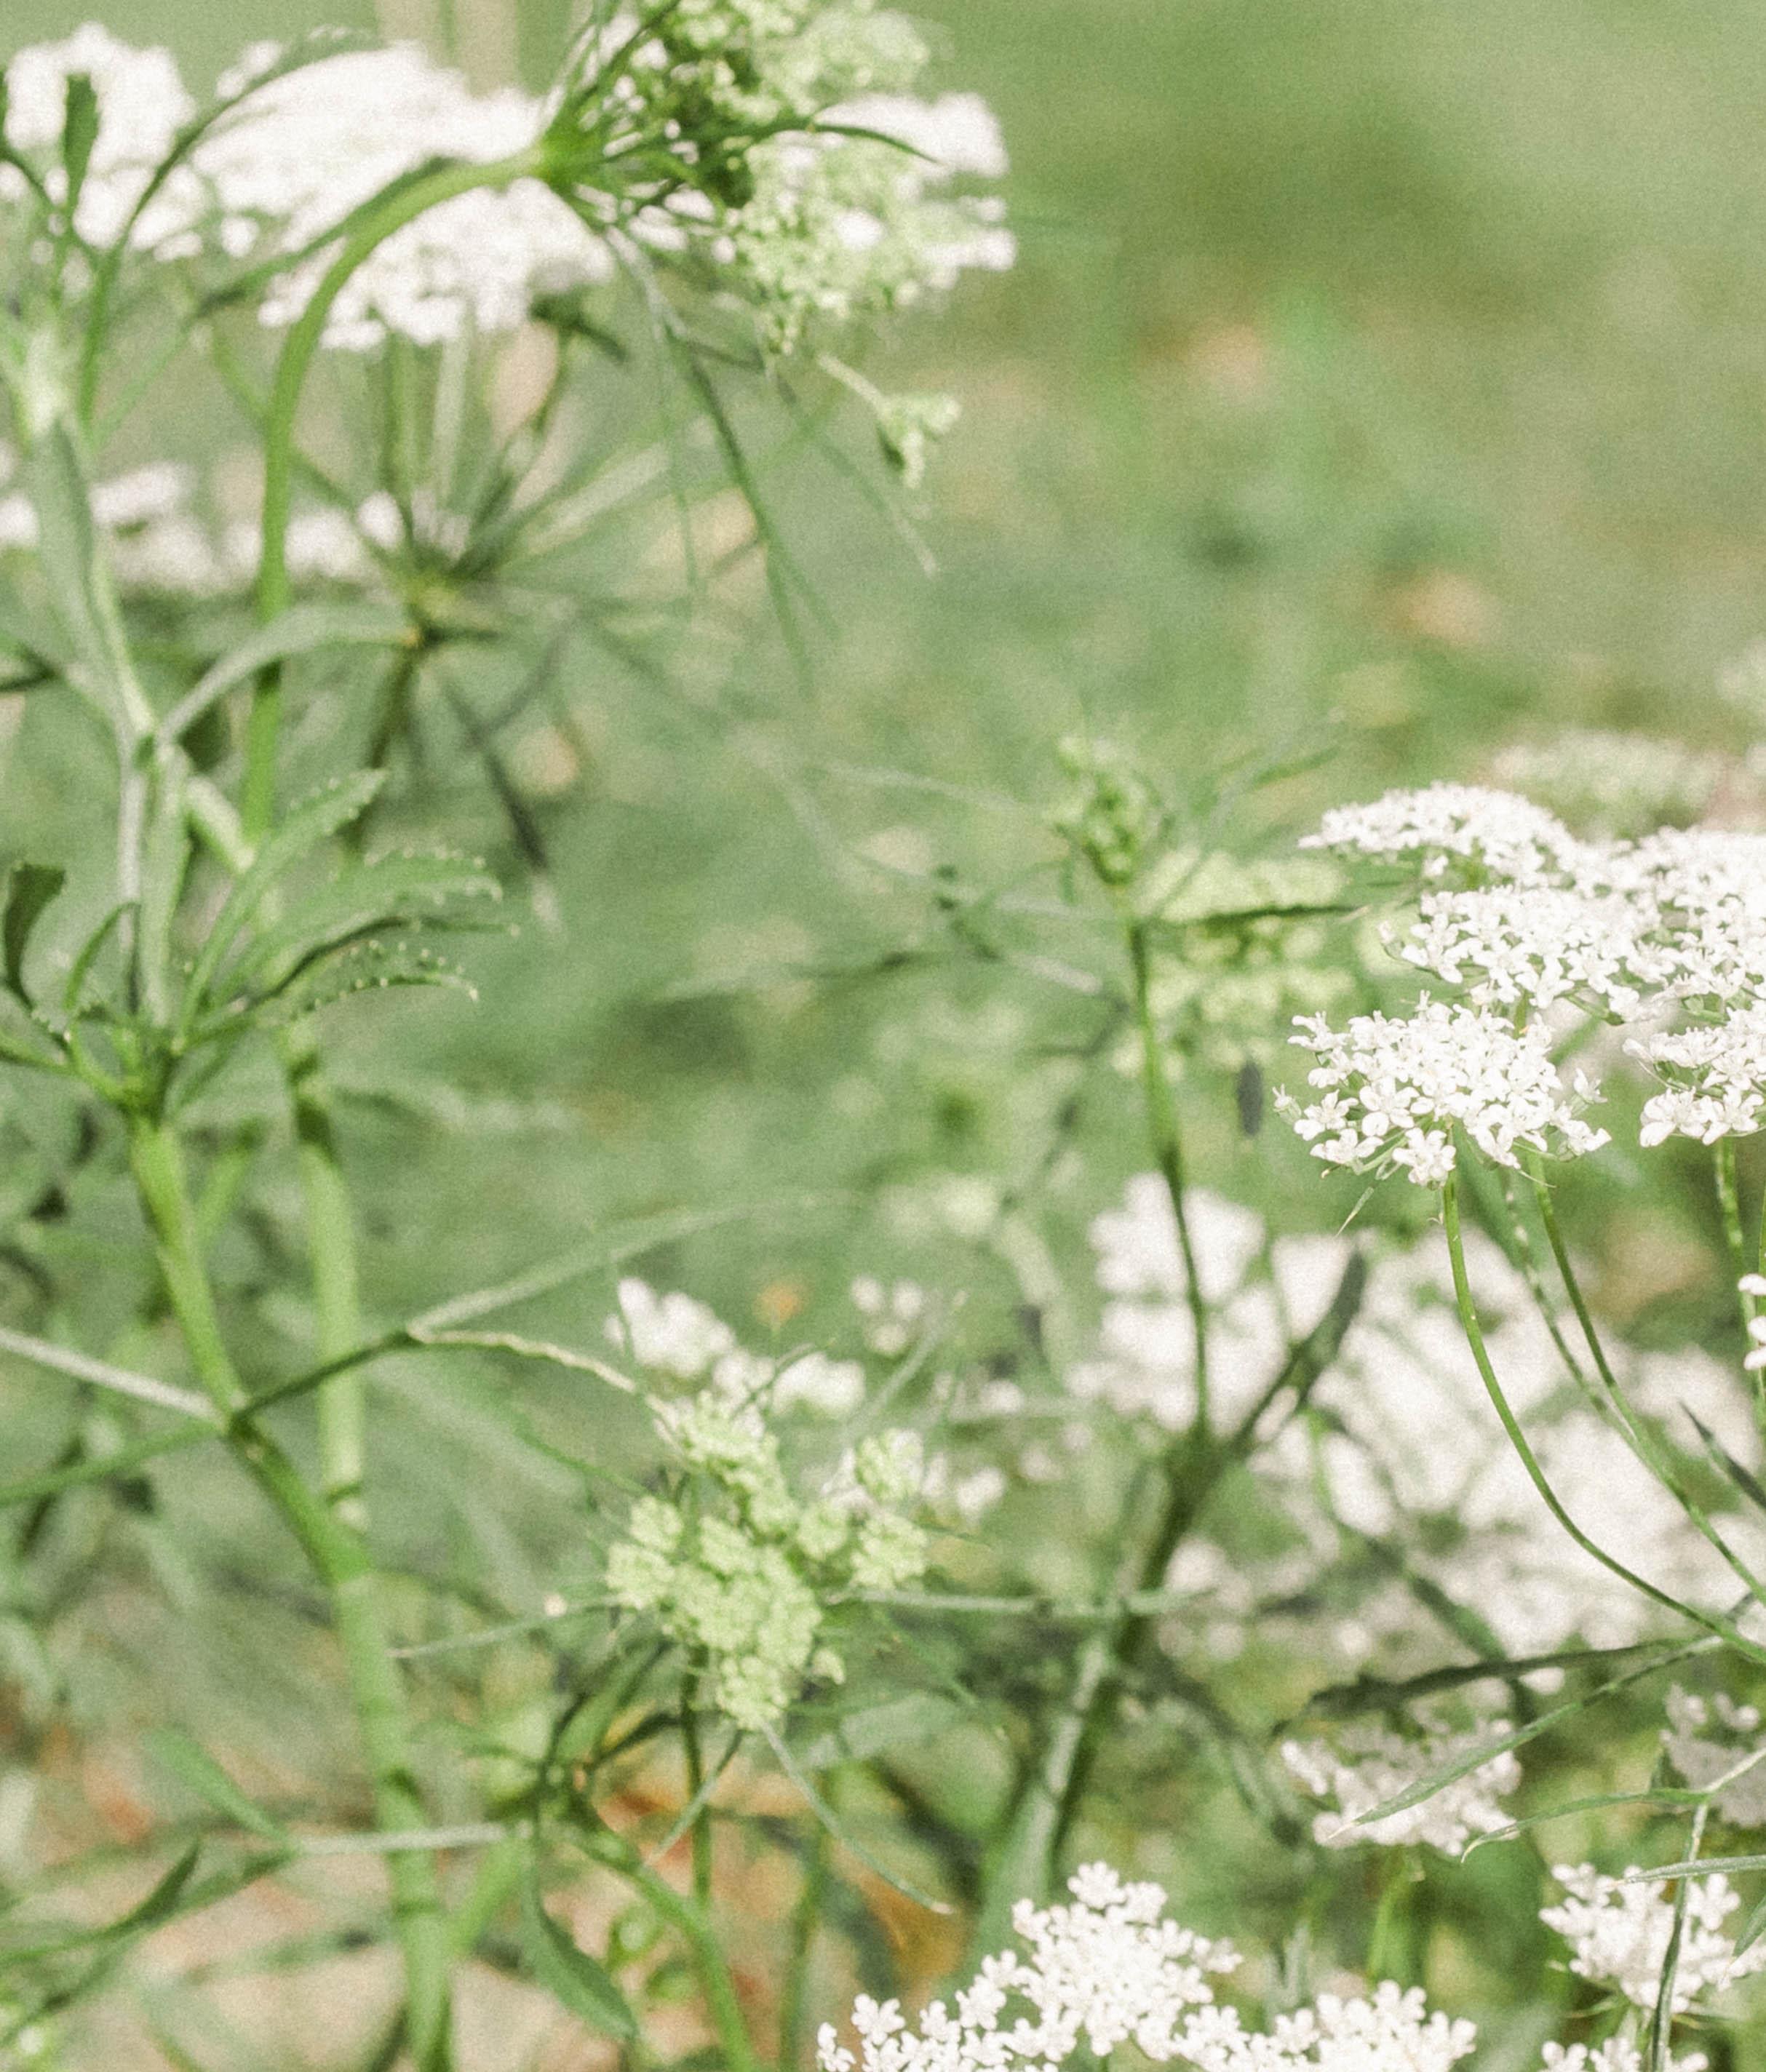 gardenaug3_queenanneslace2-3.jpg